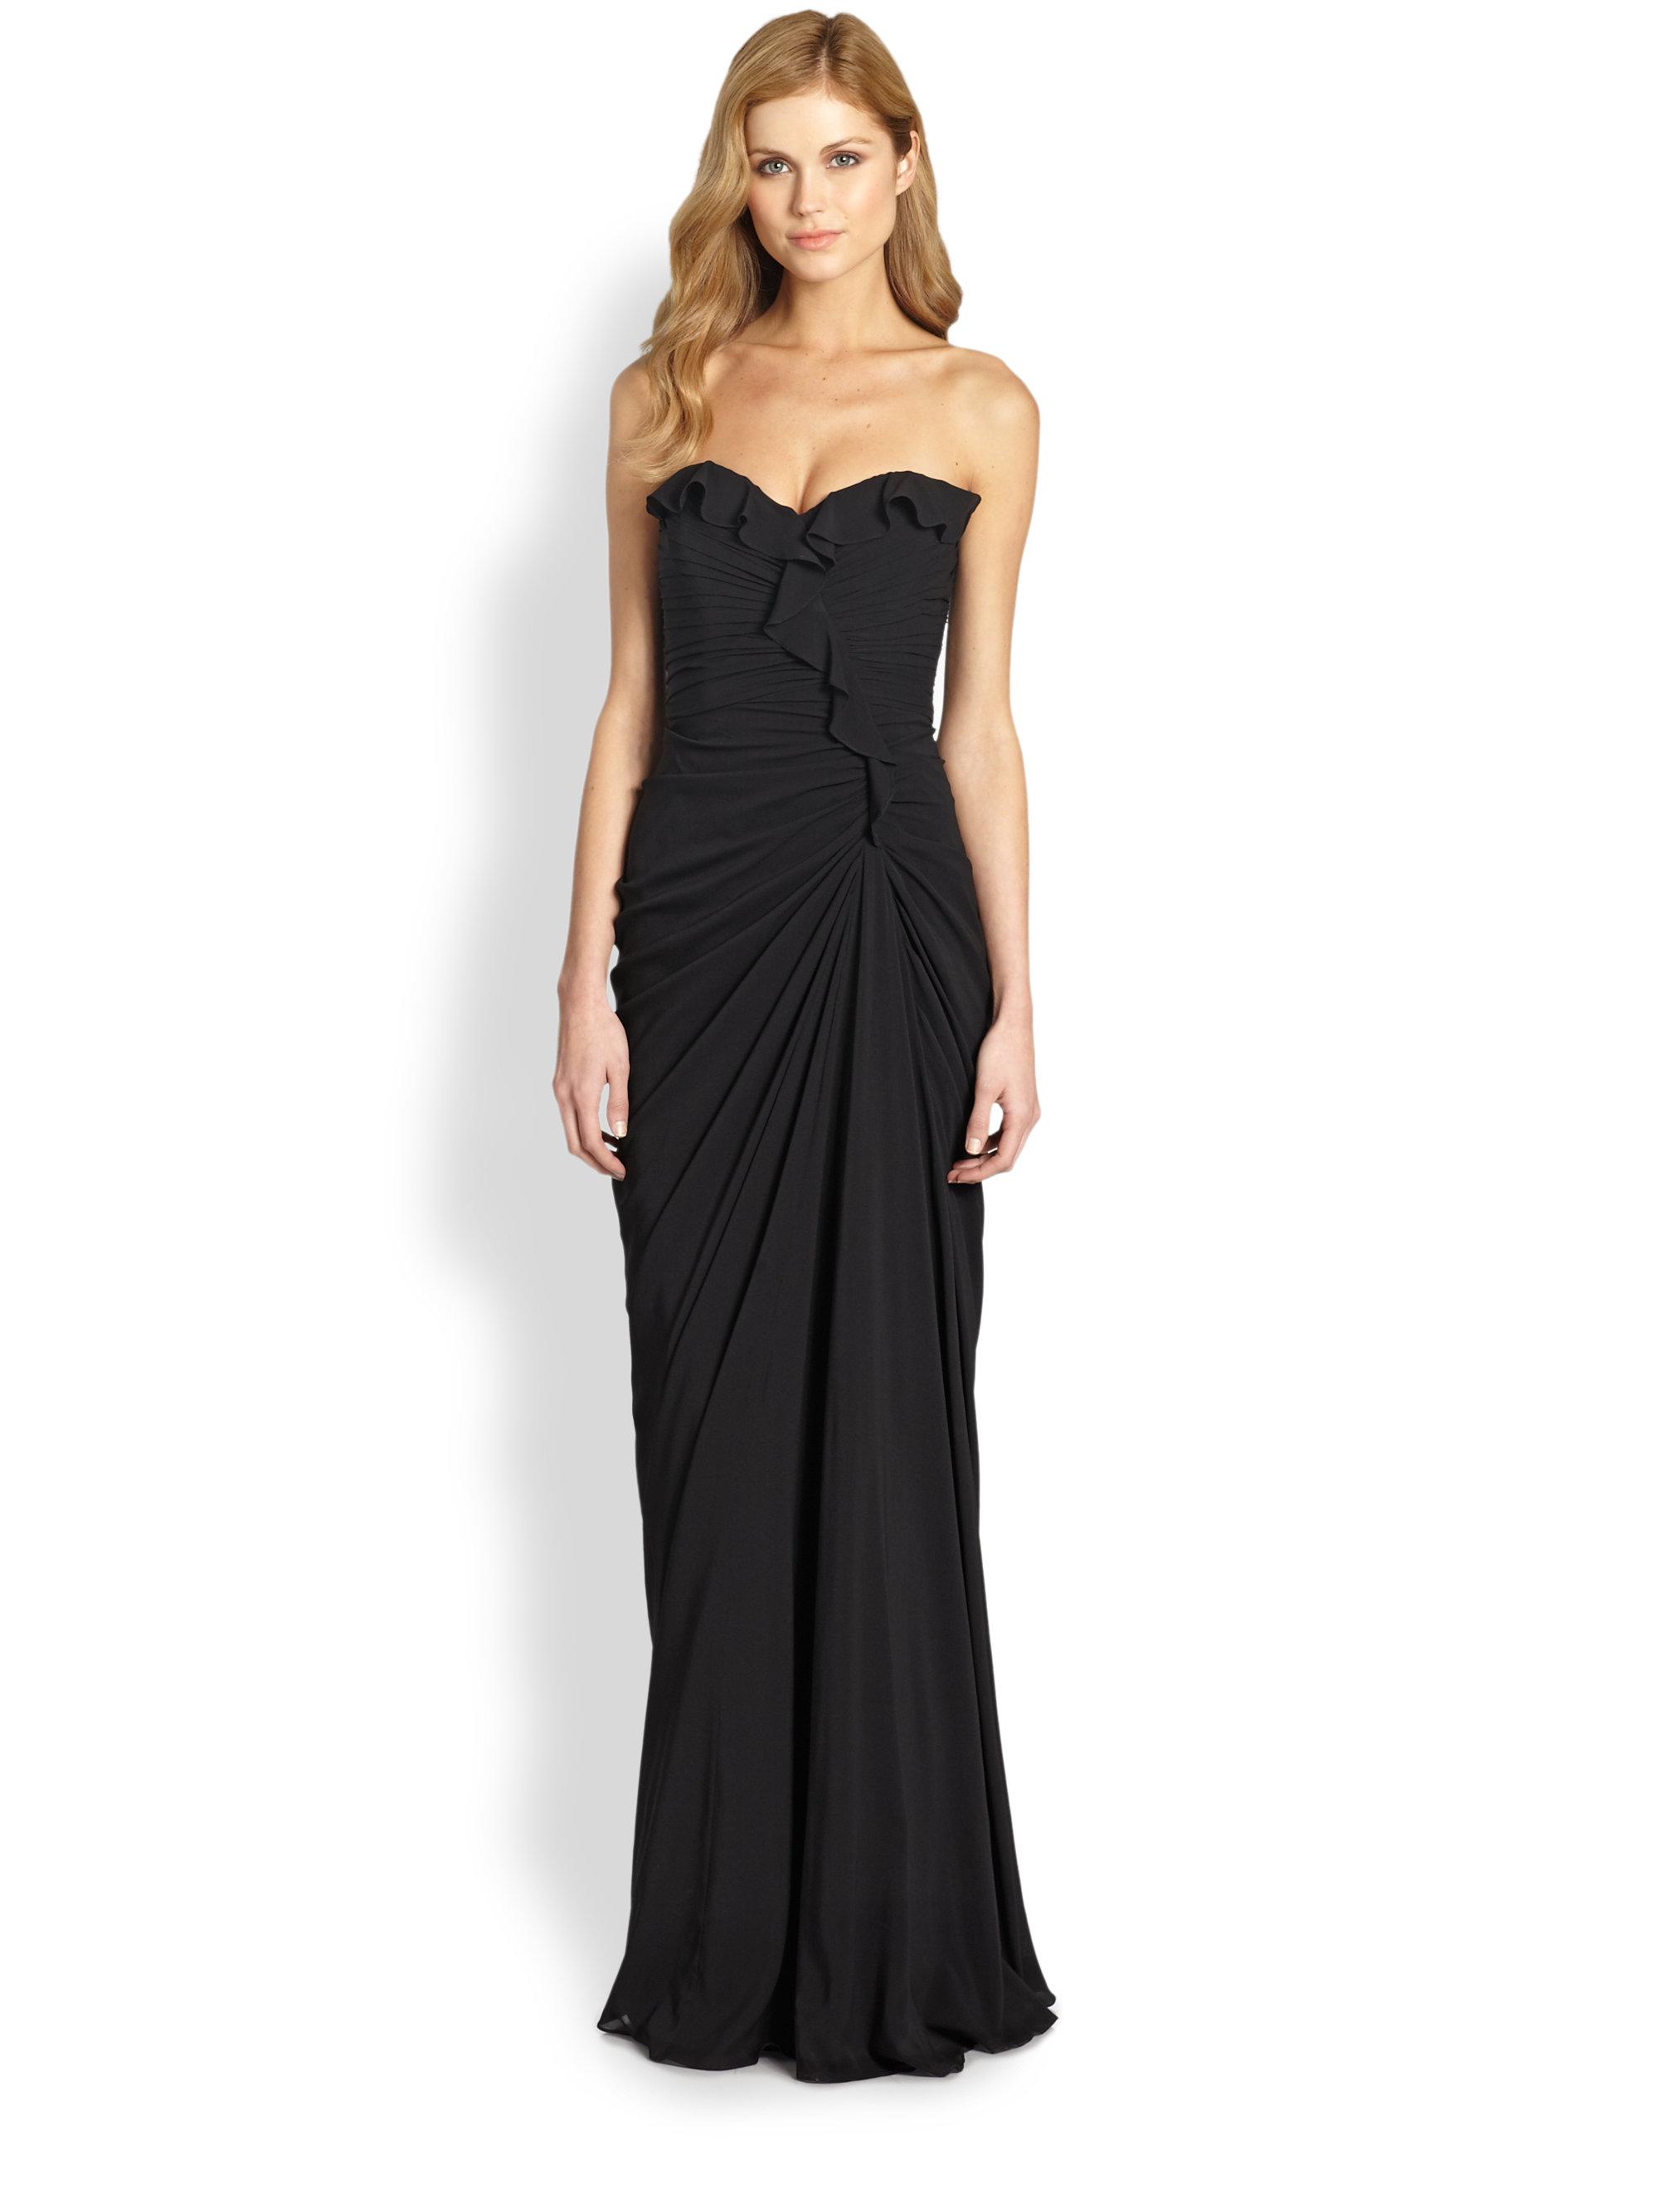 Lyst - Badgley Mischka Strapless Silk Sweetheart Gown in Black